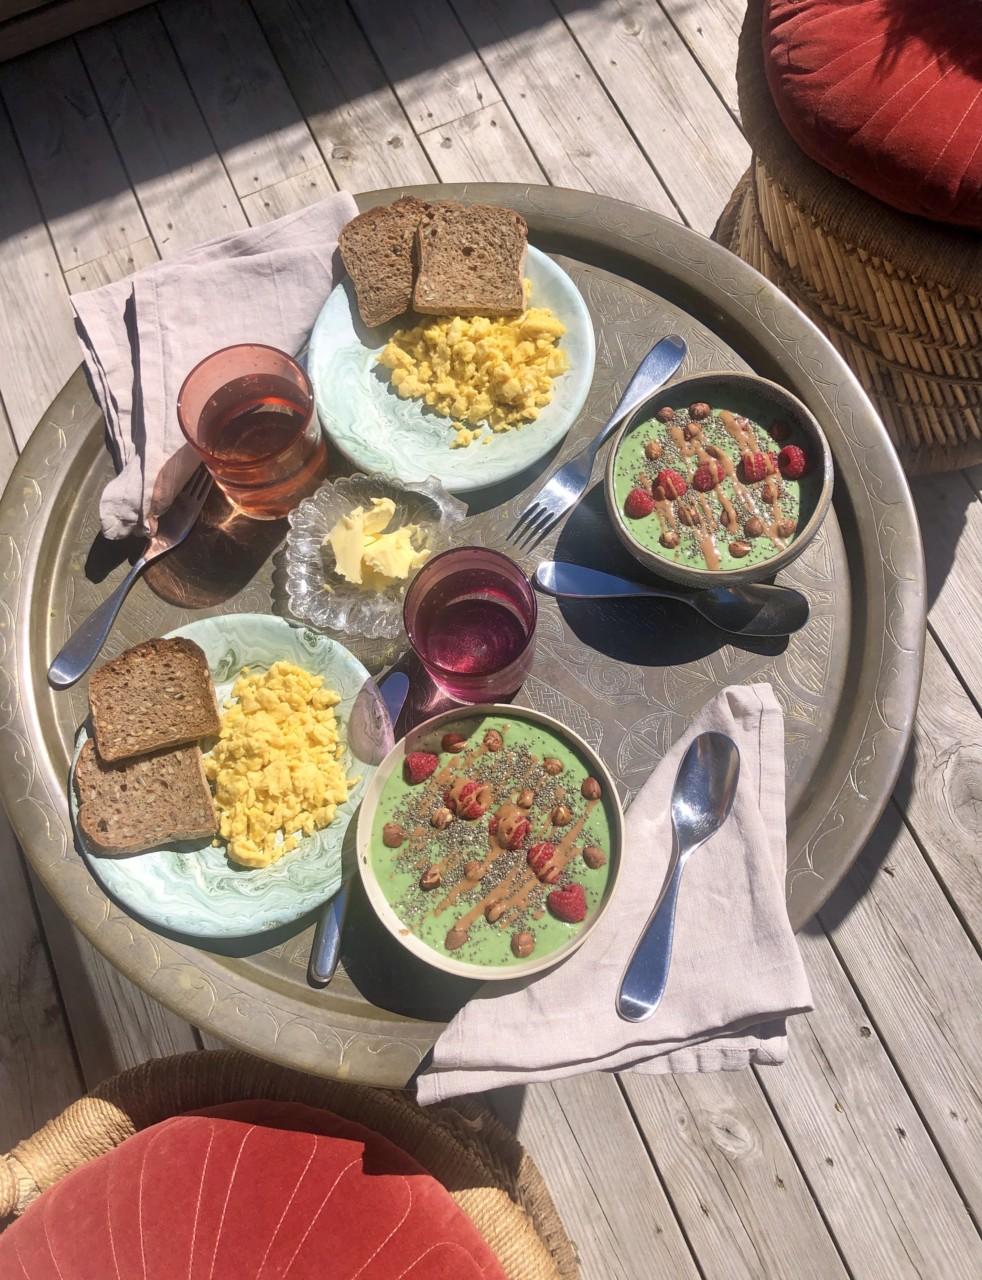 frokost-greenhouse-egg-toast-smoothie-bowl-bohemsk-stil